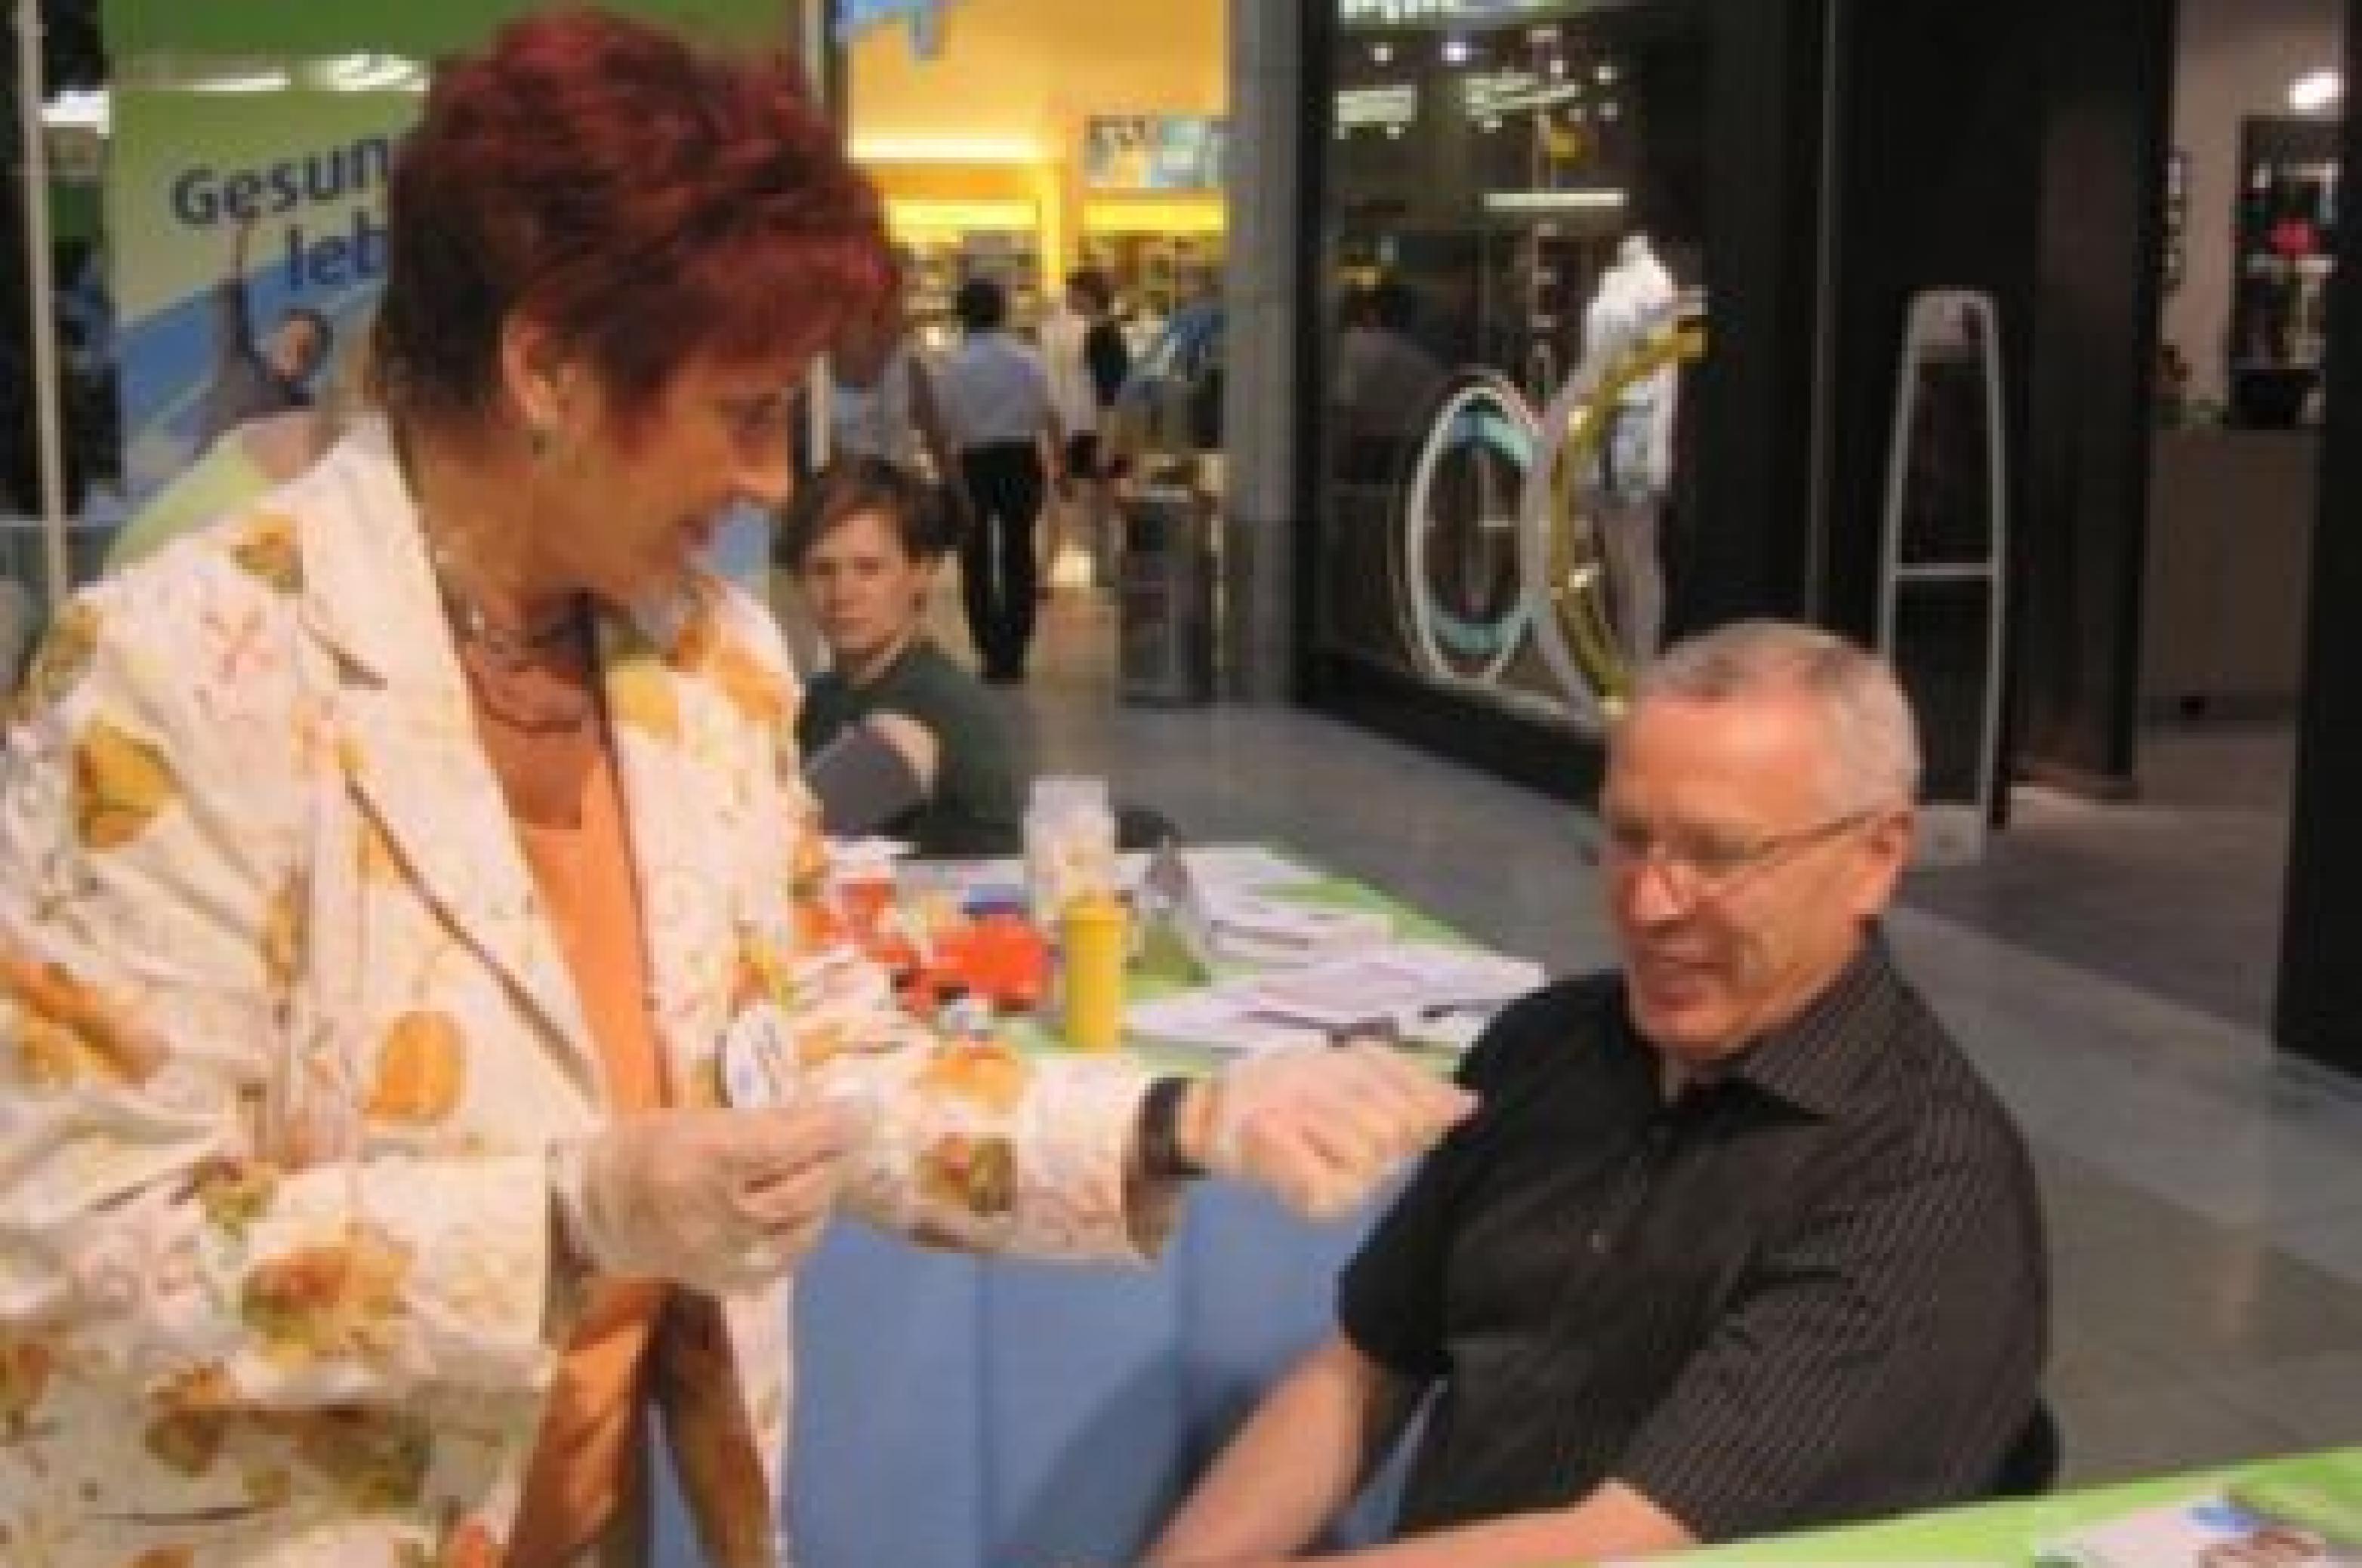 Blutzuckermessaktion am 6.6.2011, Berlin, mit Barbara Knothe, Diabetesberaterin (Beratung am Messestand)